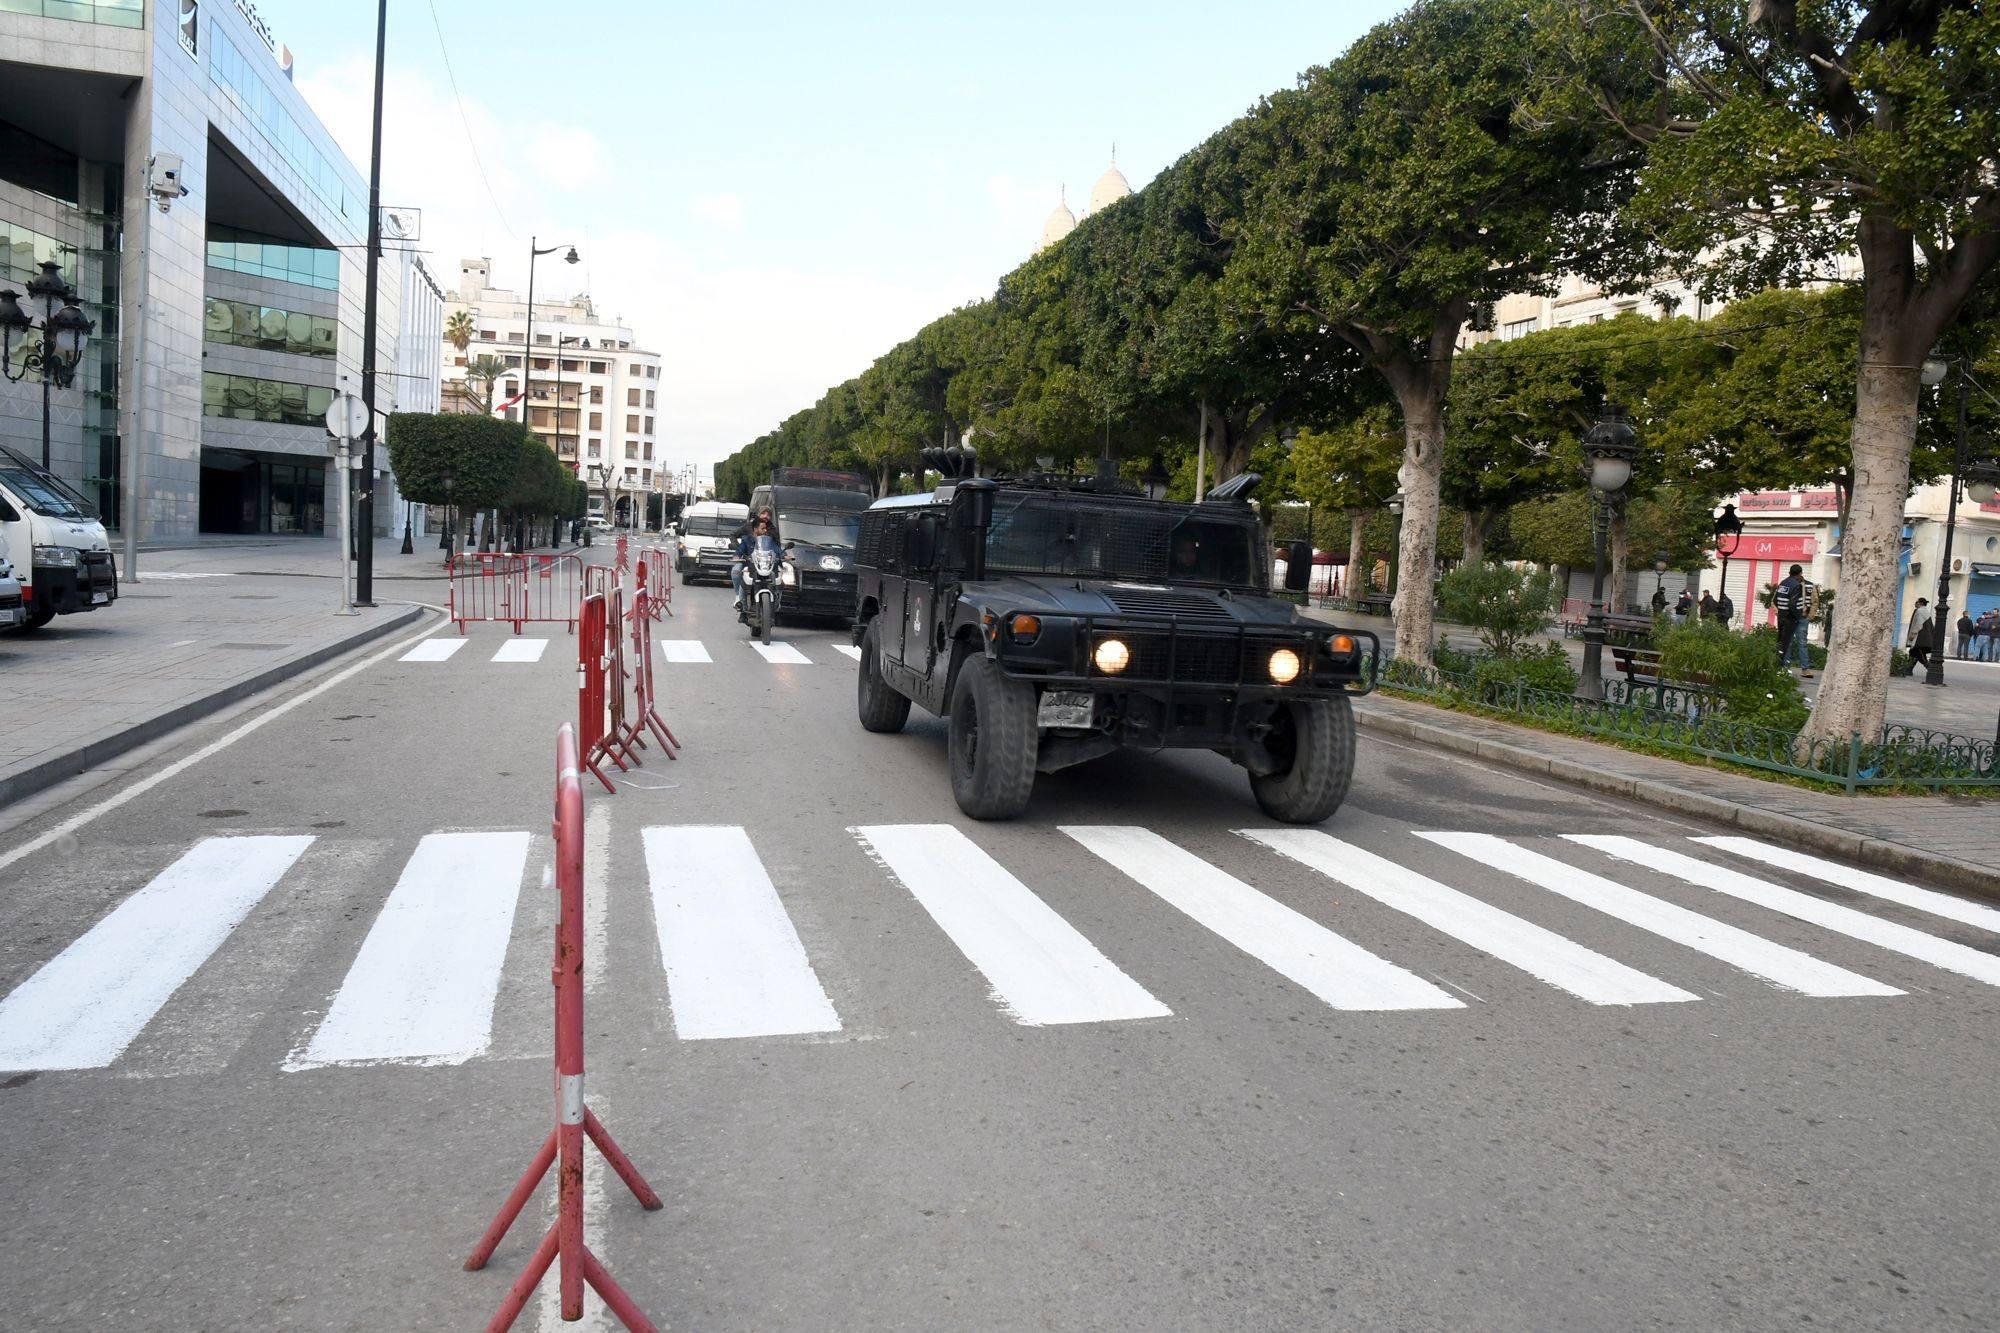 صور: تونس العاصمة في أوّل أيام الحجر الصحي الشامل